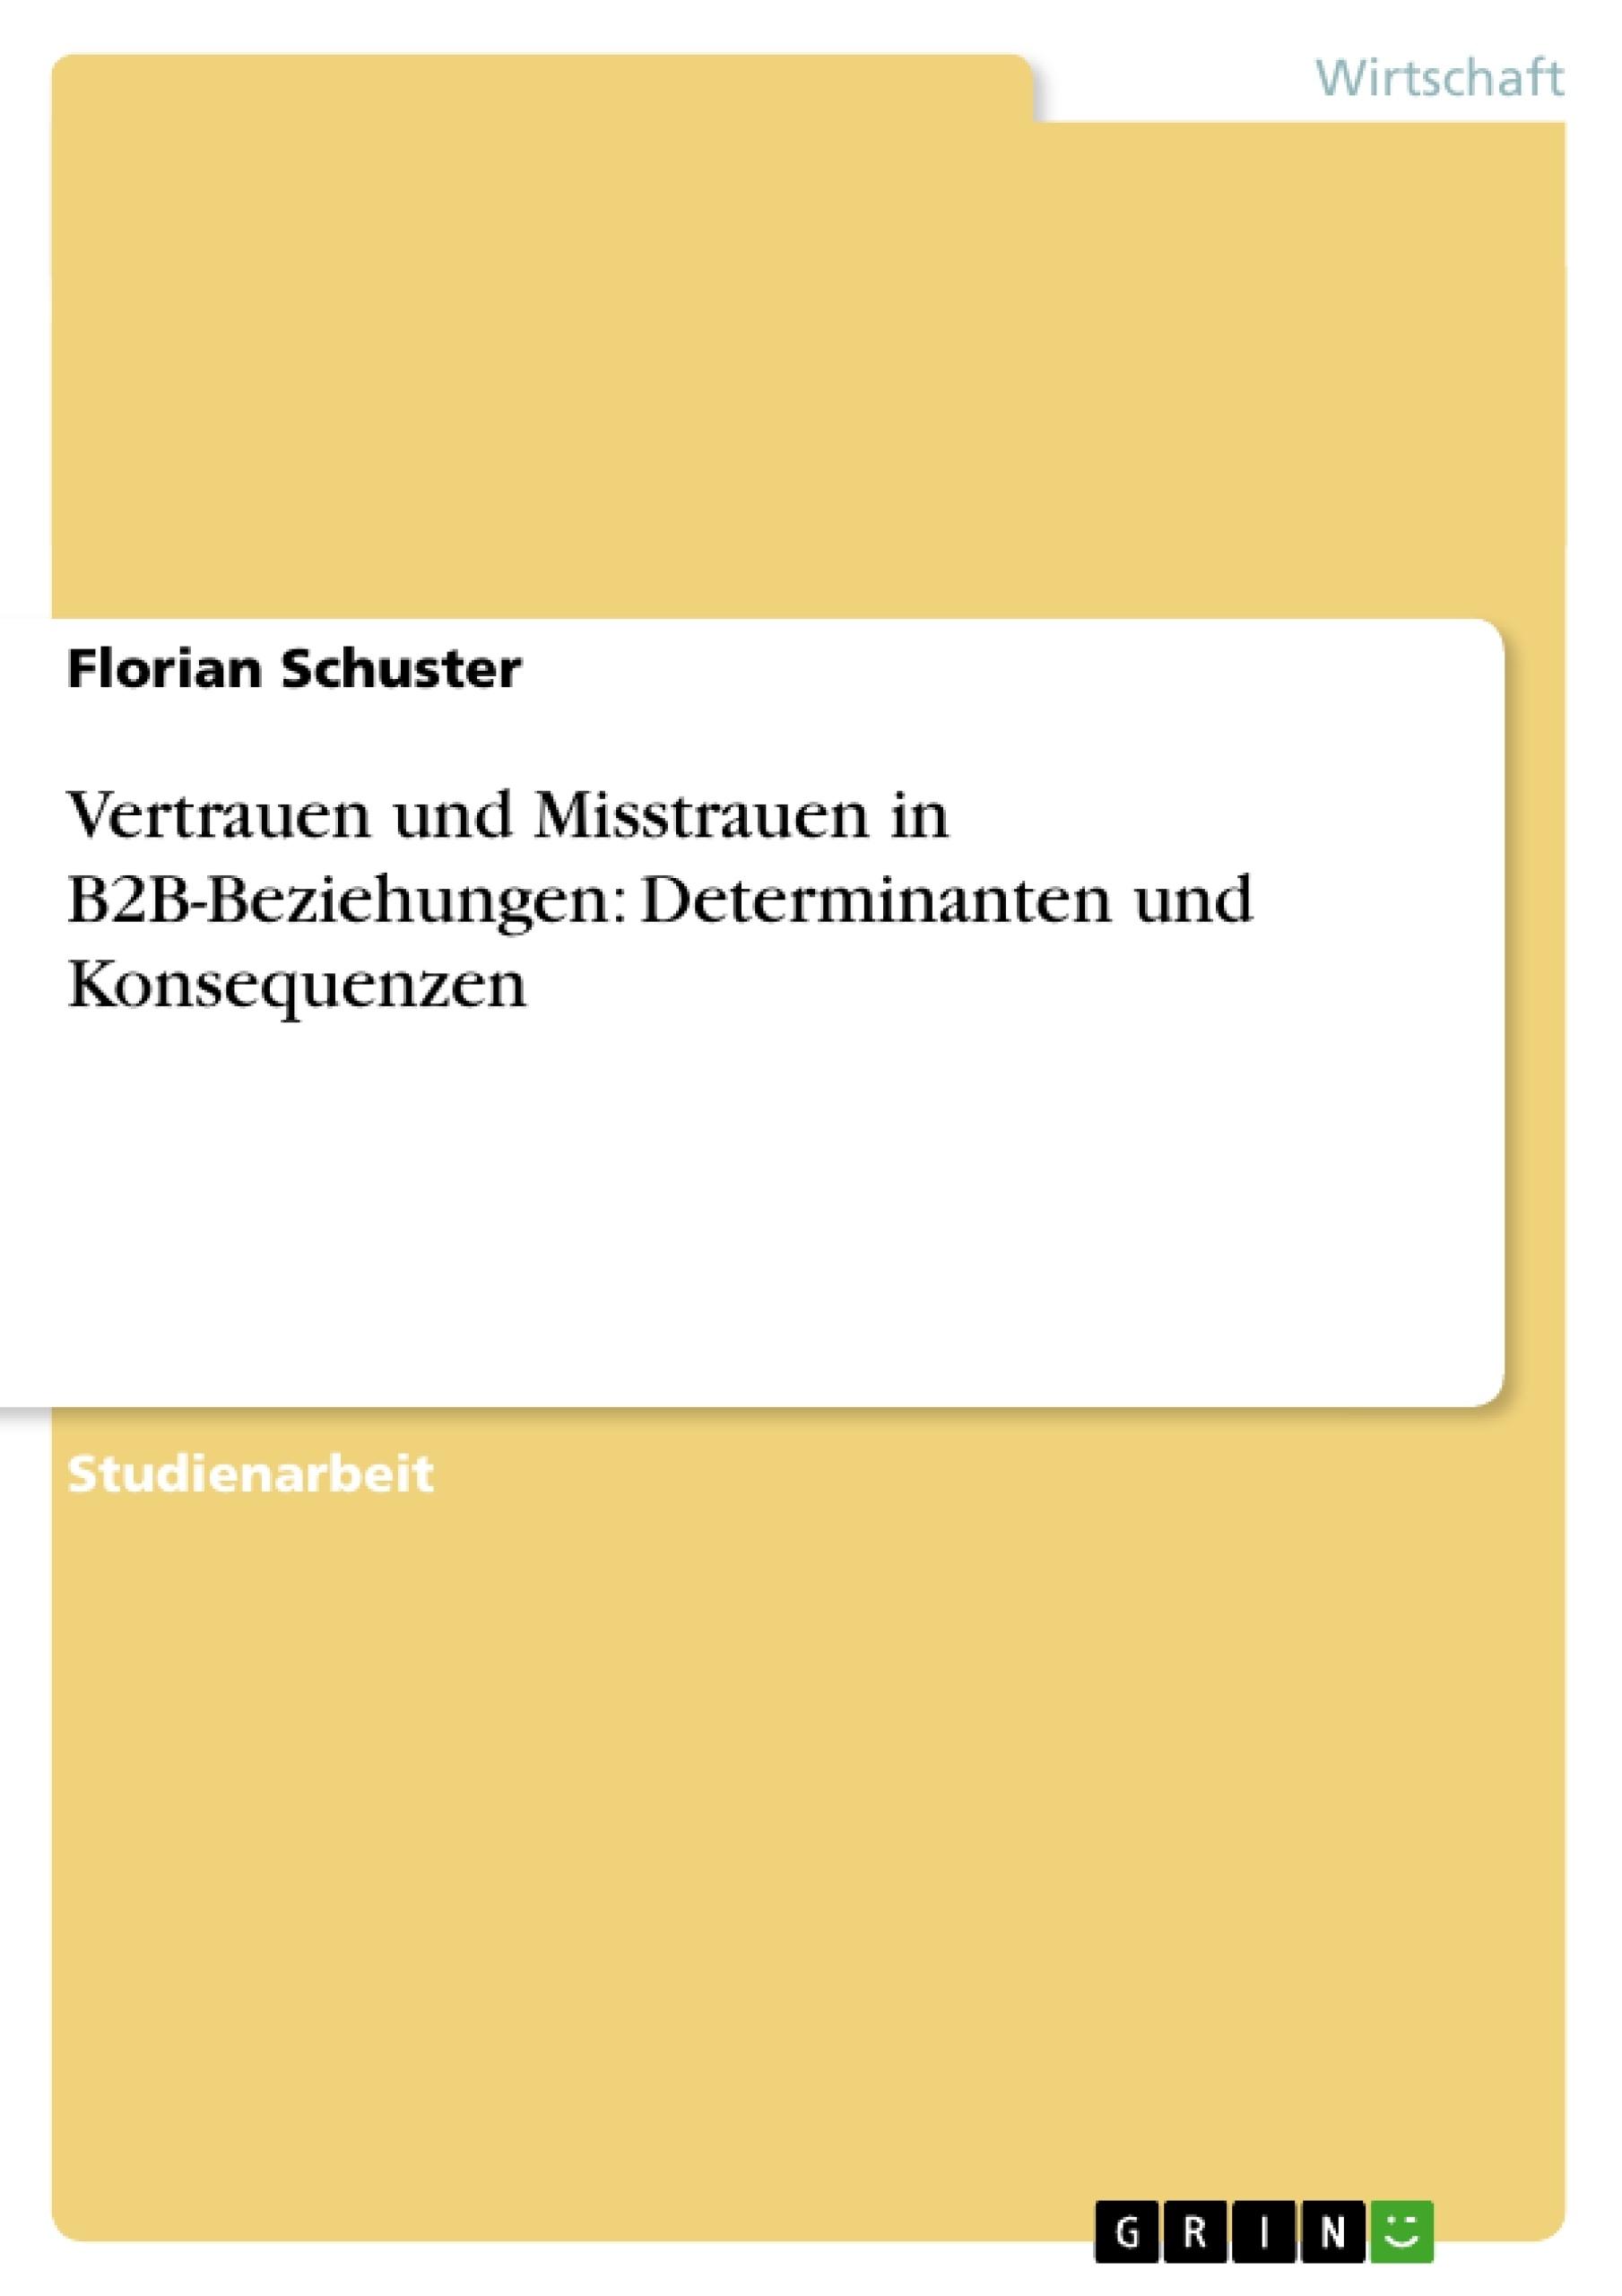 Titel: Vertrauen und Misstrauen in B2B-Beziehungen: Determinanten und Konsequenzen